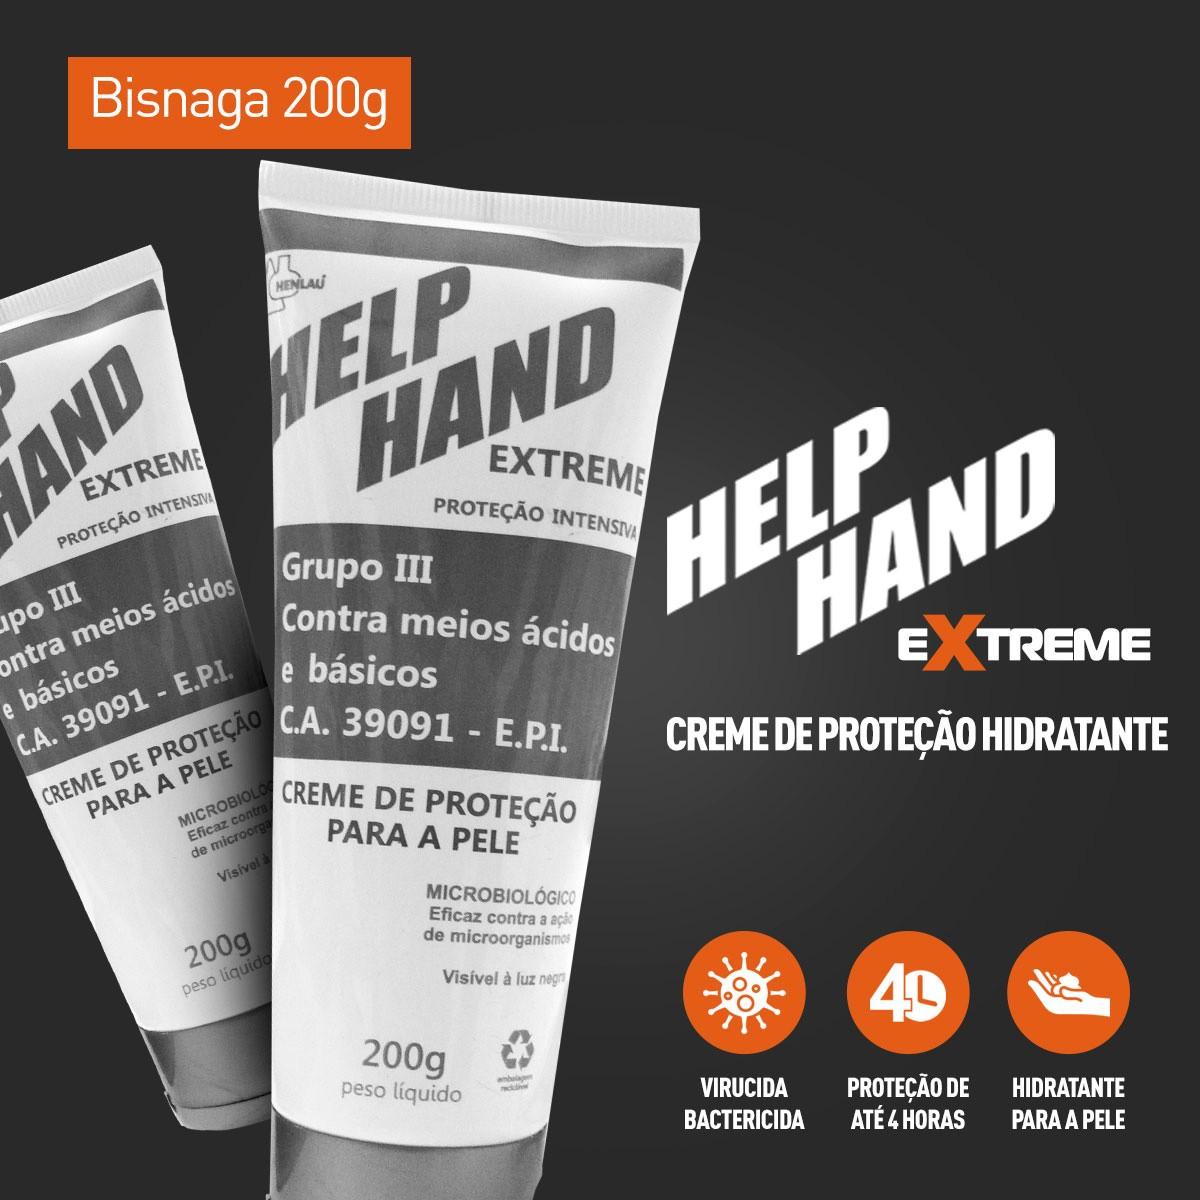 Kit 2 Hand Help Extreme Creme de Proteção Contra o Covid-19 200g